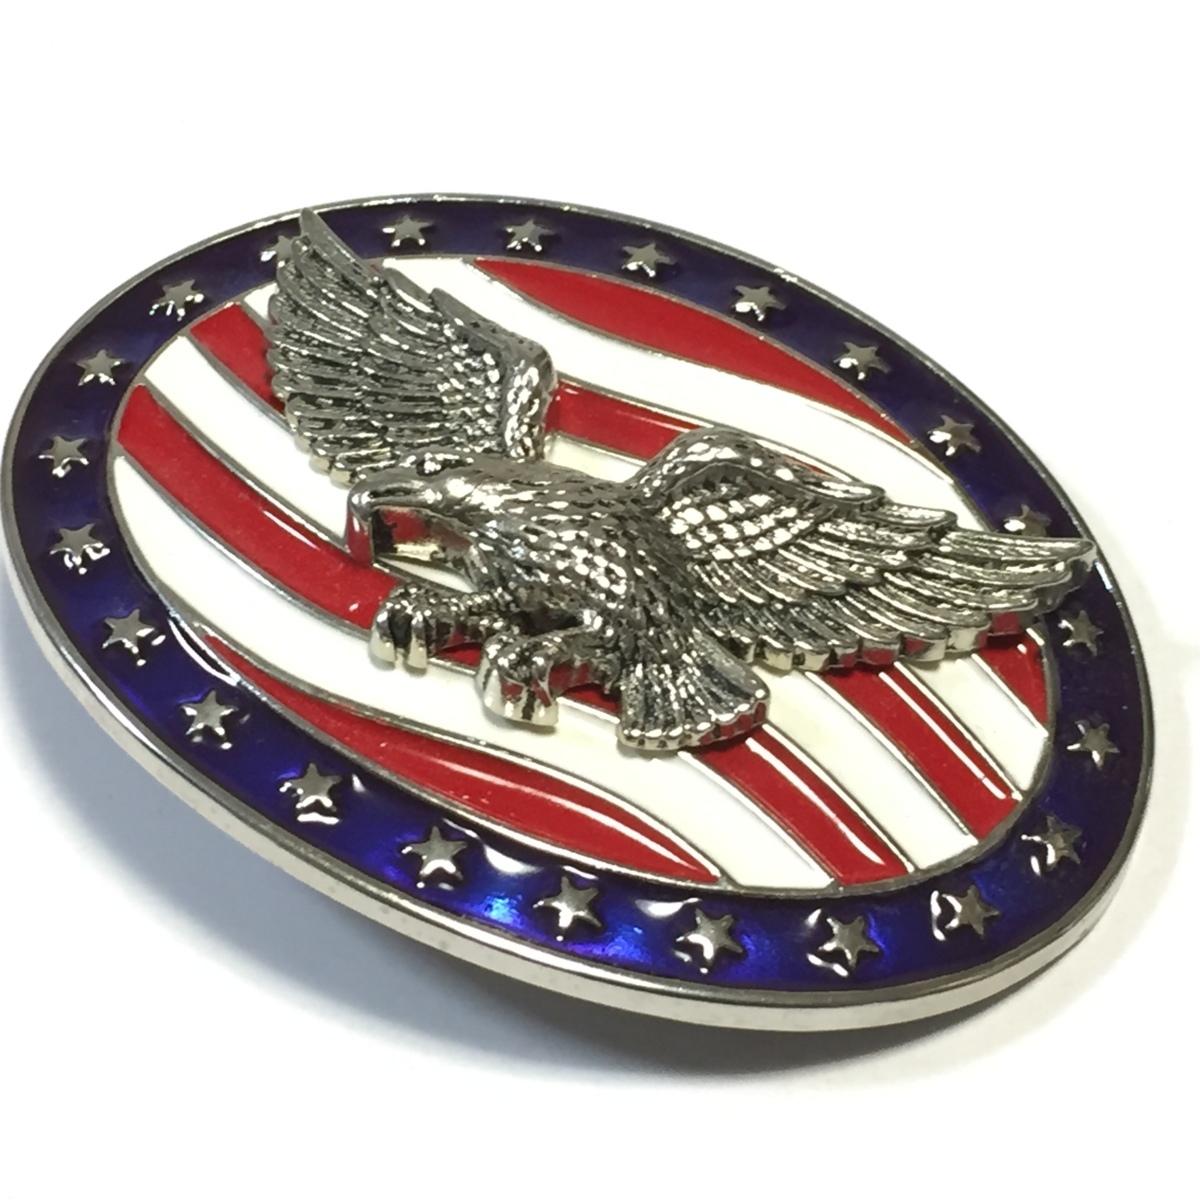 【ベルト用バックル】星条旗 アメリカ アメリカンイーグル 鷲 タカ ワシ バックル ロック バイカー バックルのみの販売です_画像3